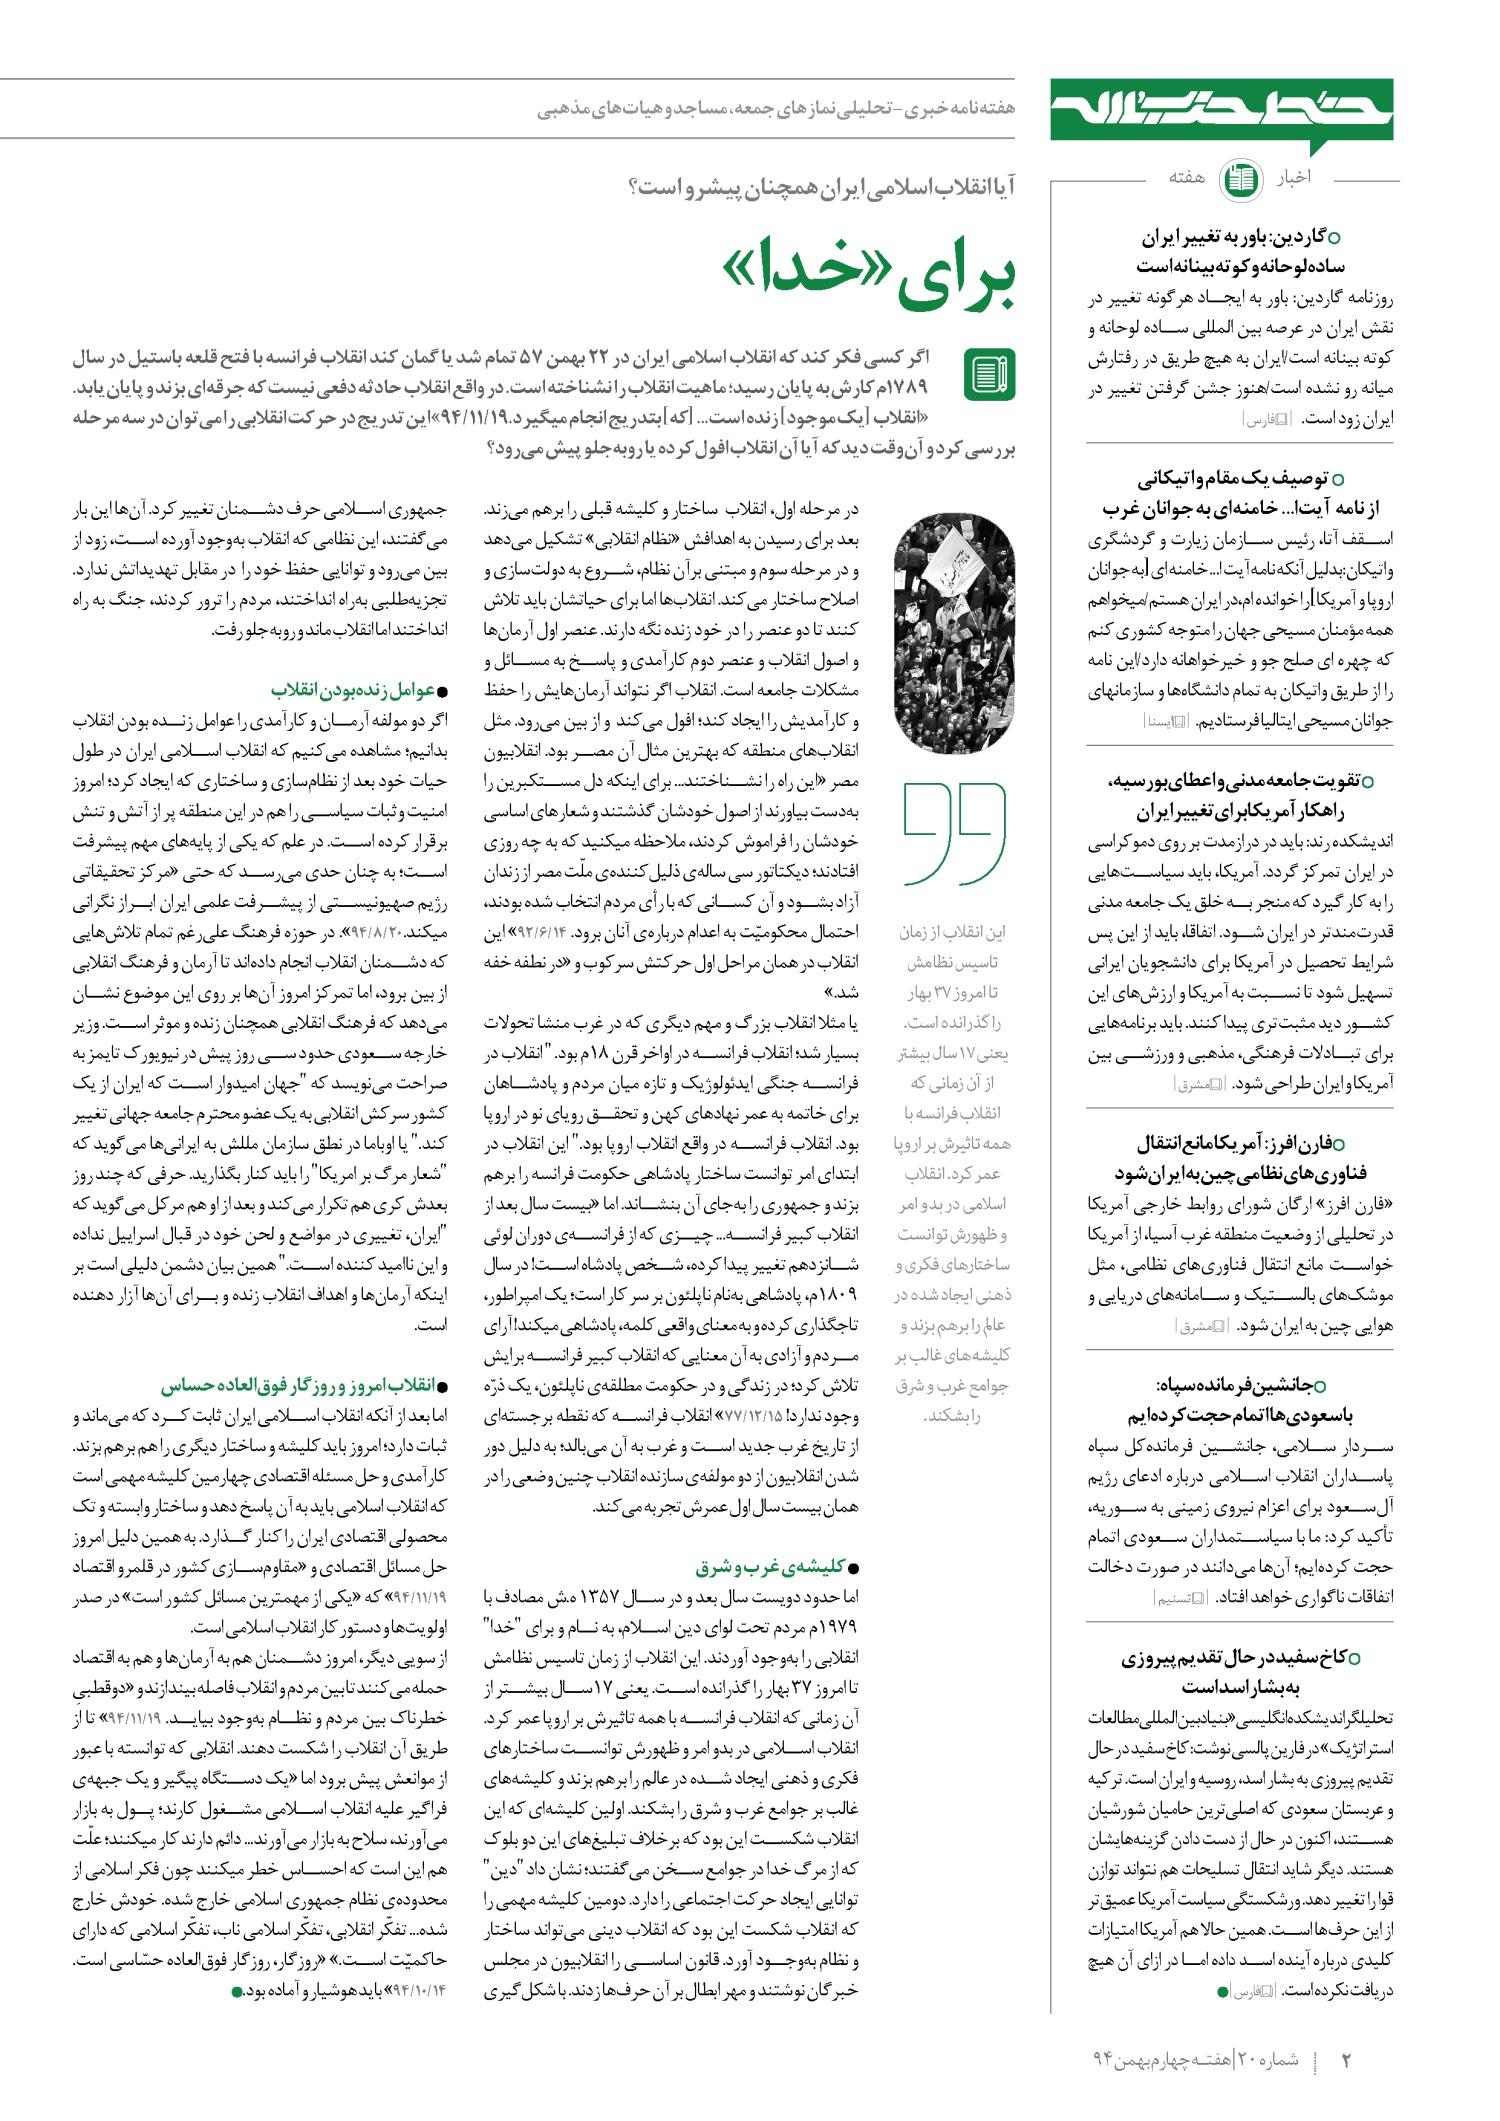 خط حزب الله -شماره پنجم خط حزب الله -شماره بیستم 46 page large 2